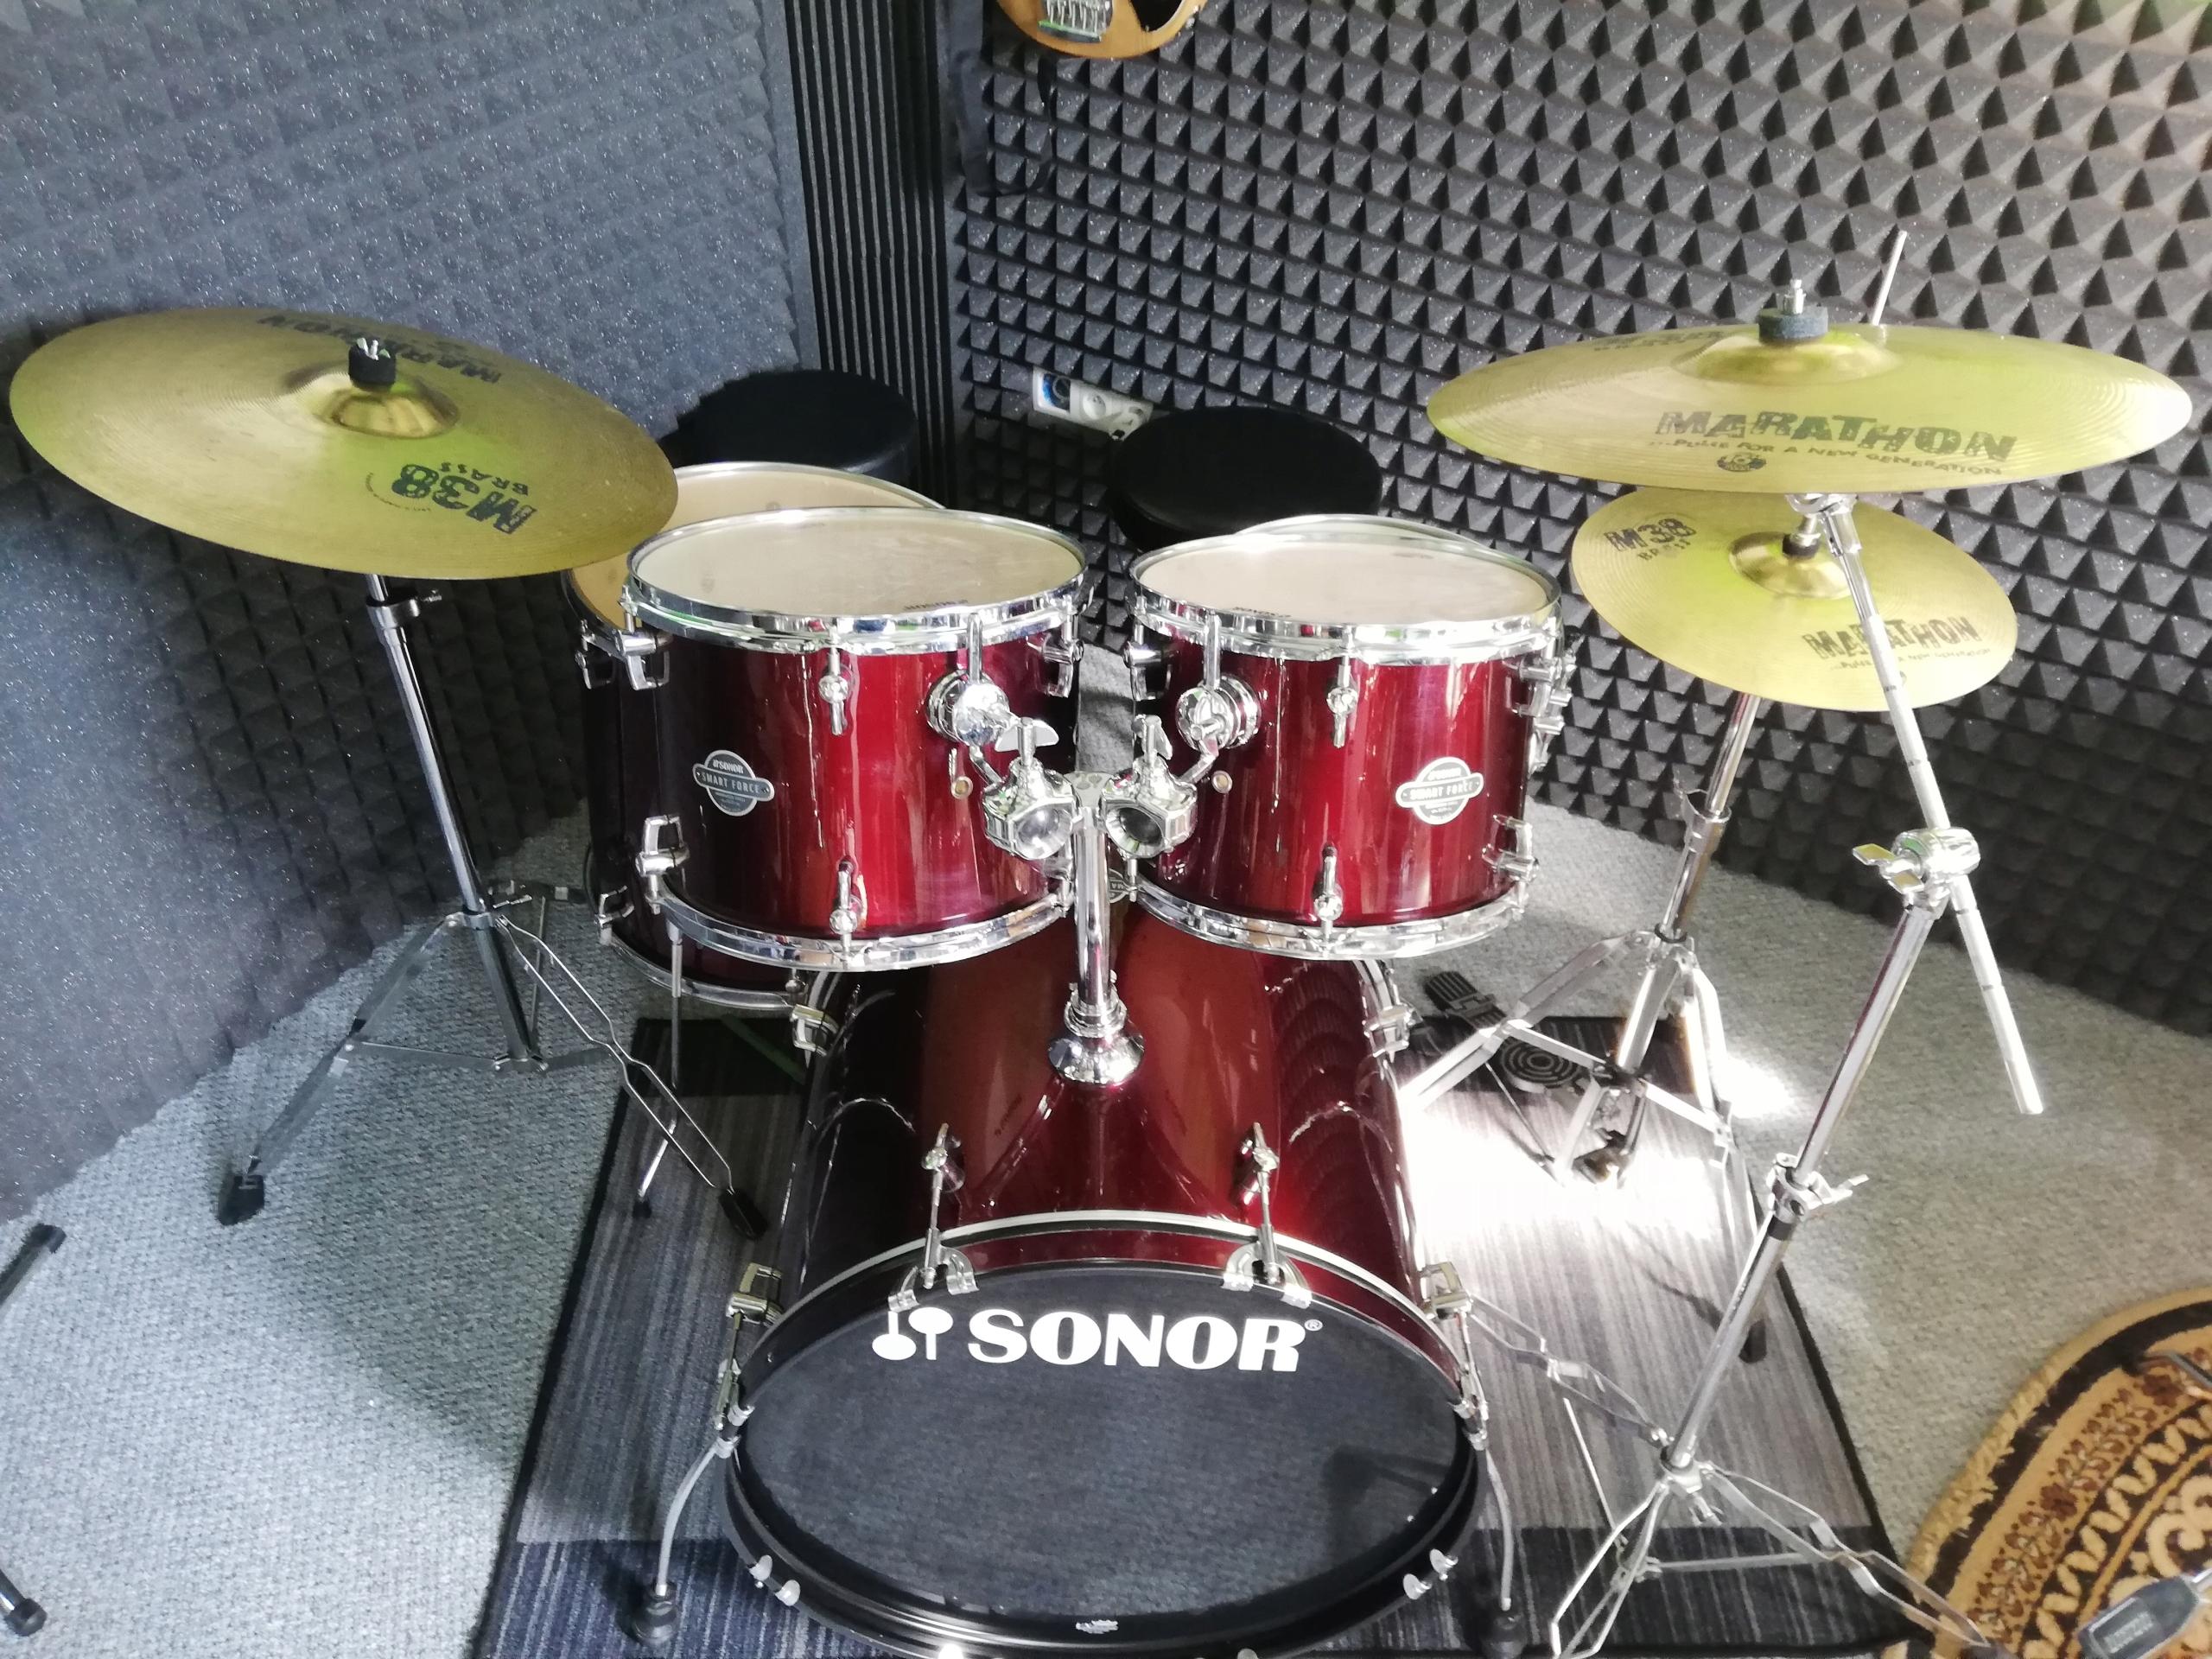 Perkusja: Sonor Force, statywy, talerze Meinl Komp